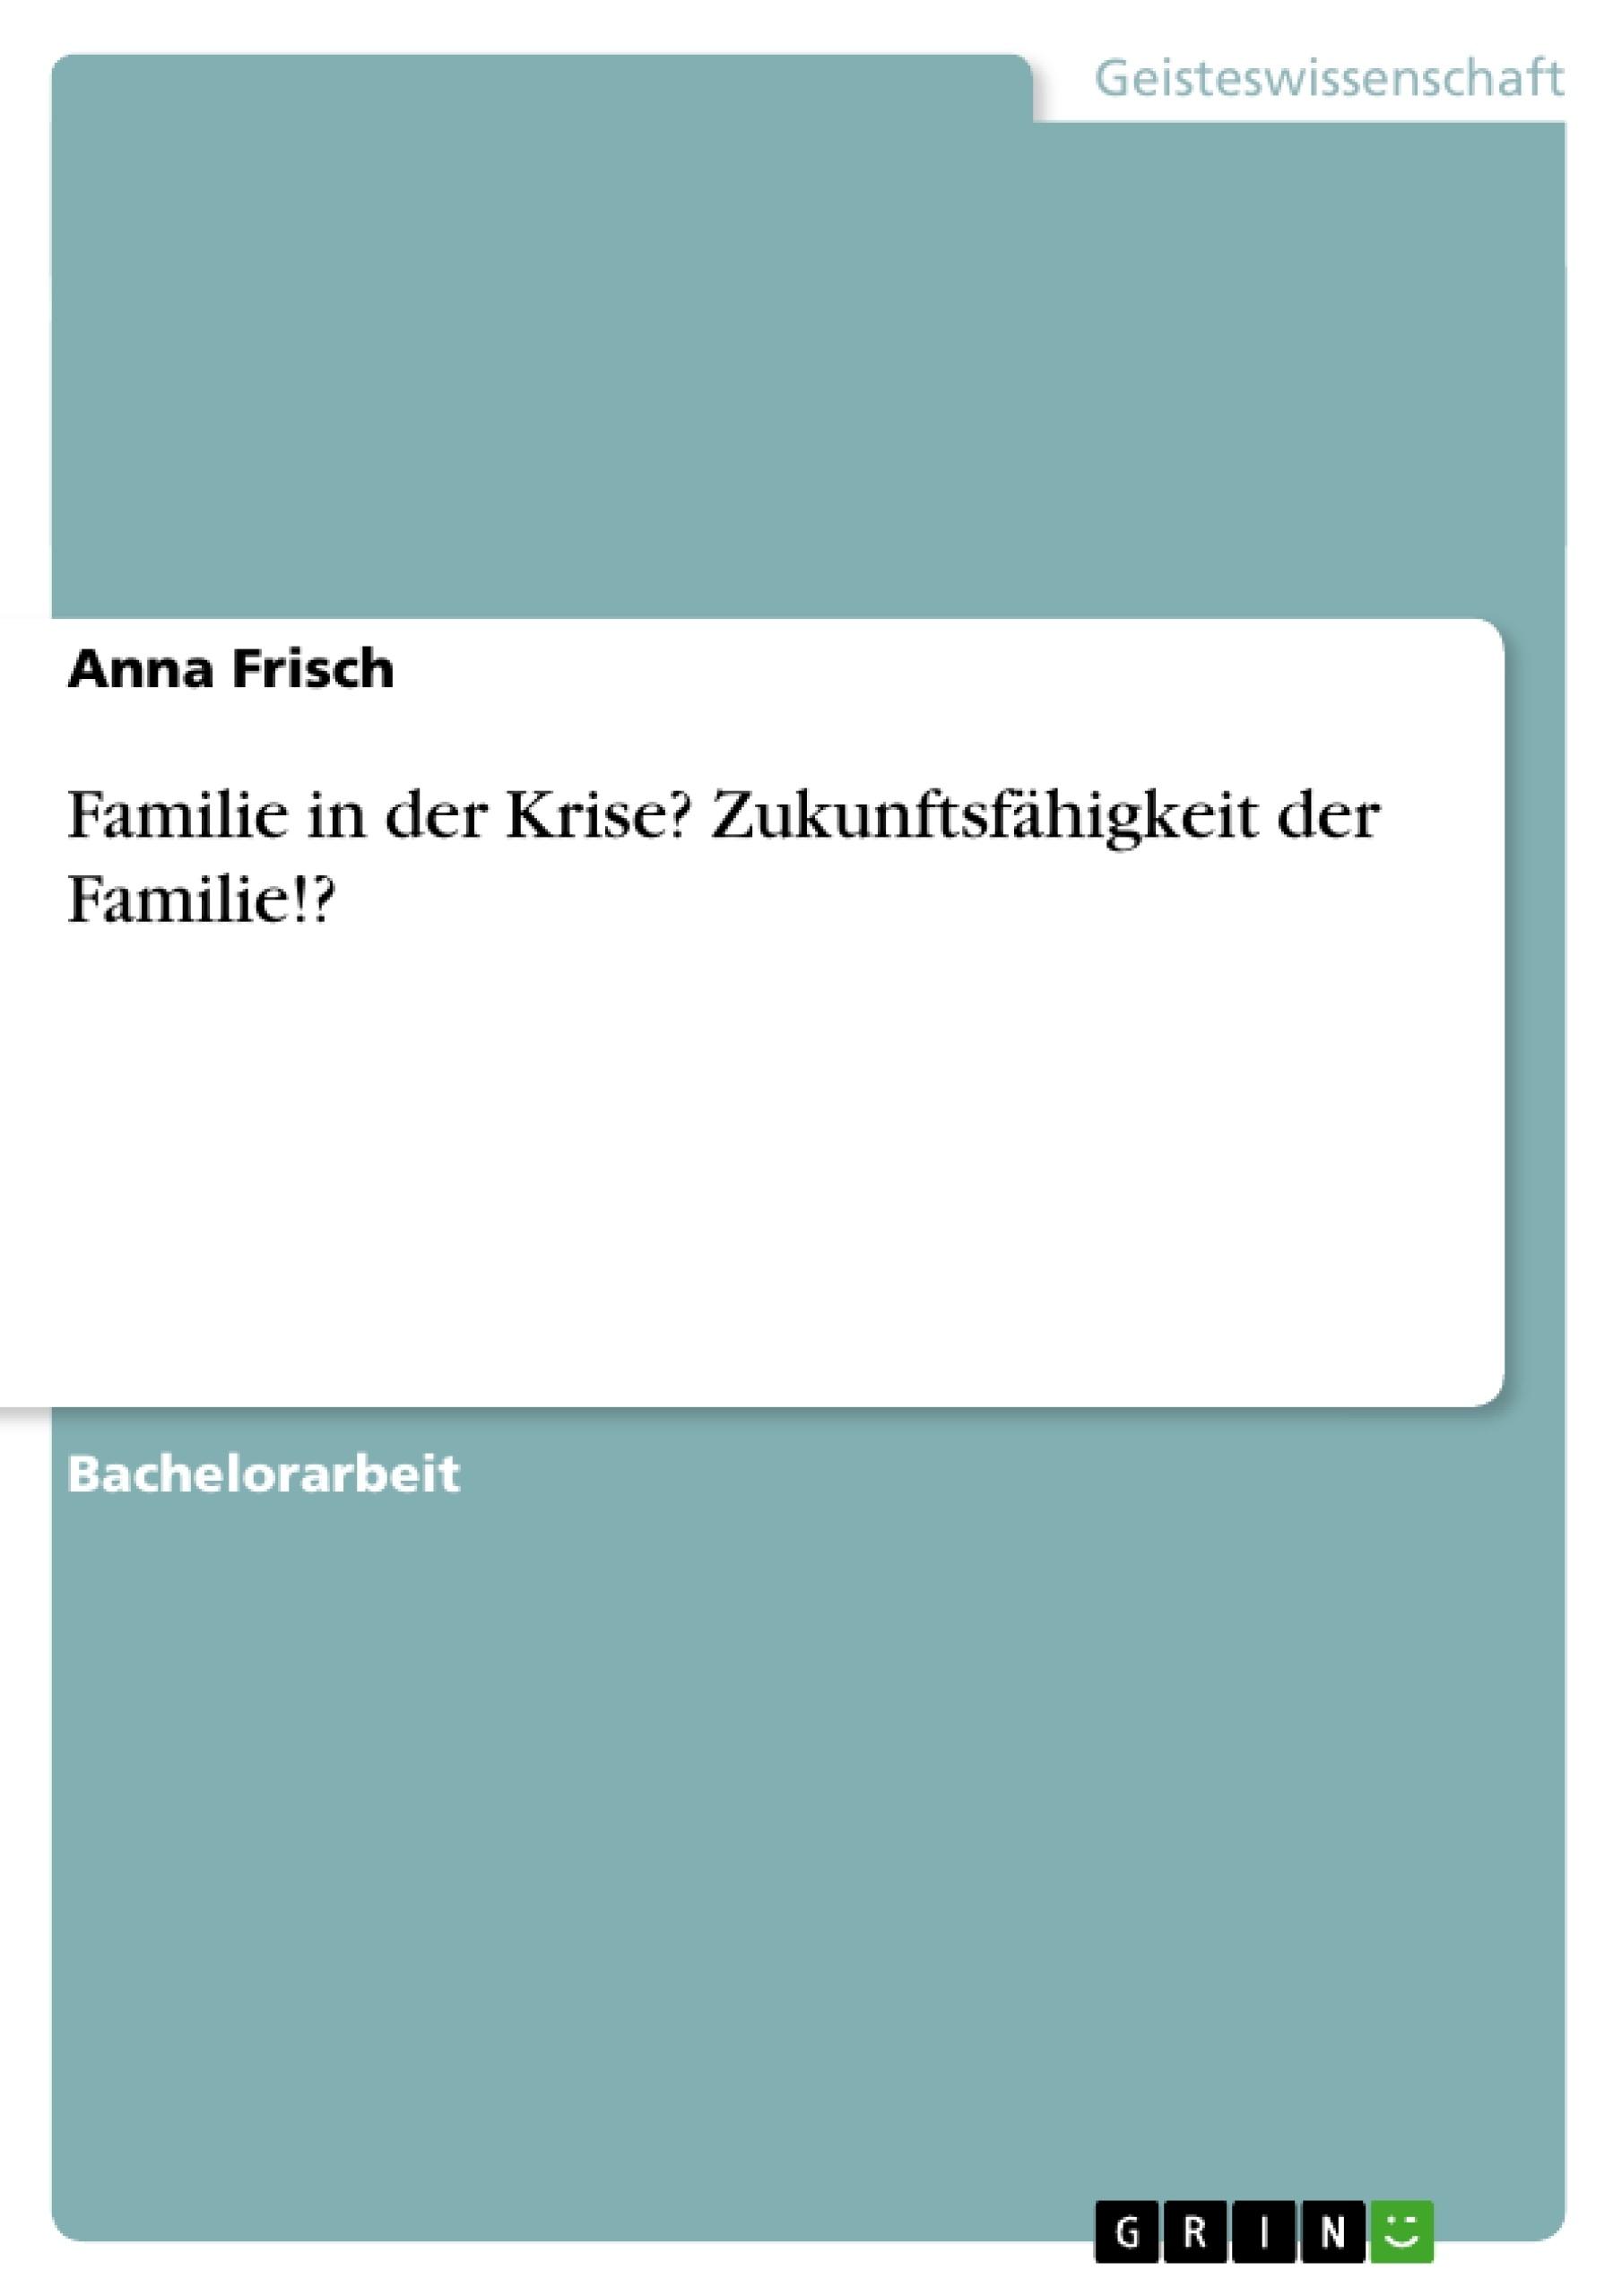 Titel: Familie in der Krise? Zukunftsfähigkeit der Familie!?